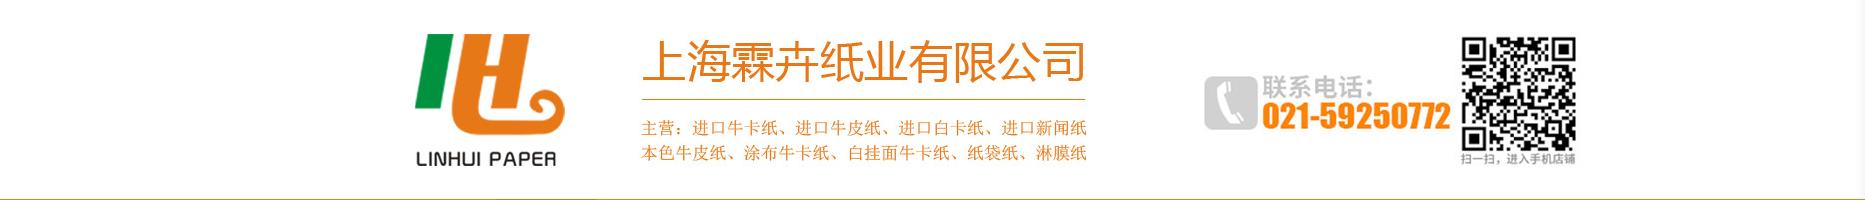 上海霖卉纸业有限公司